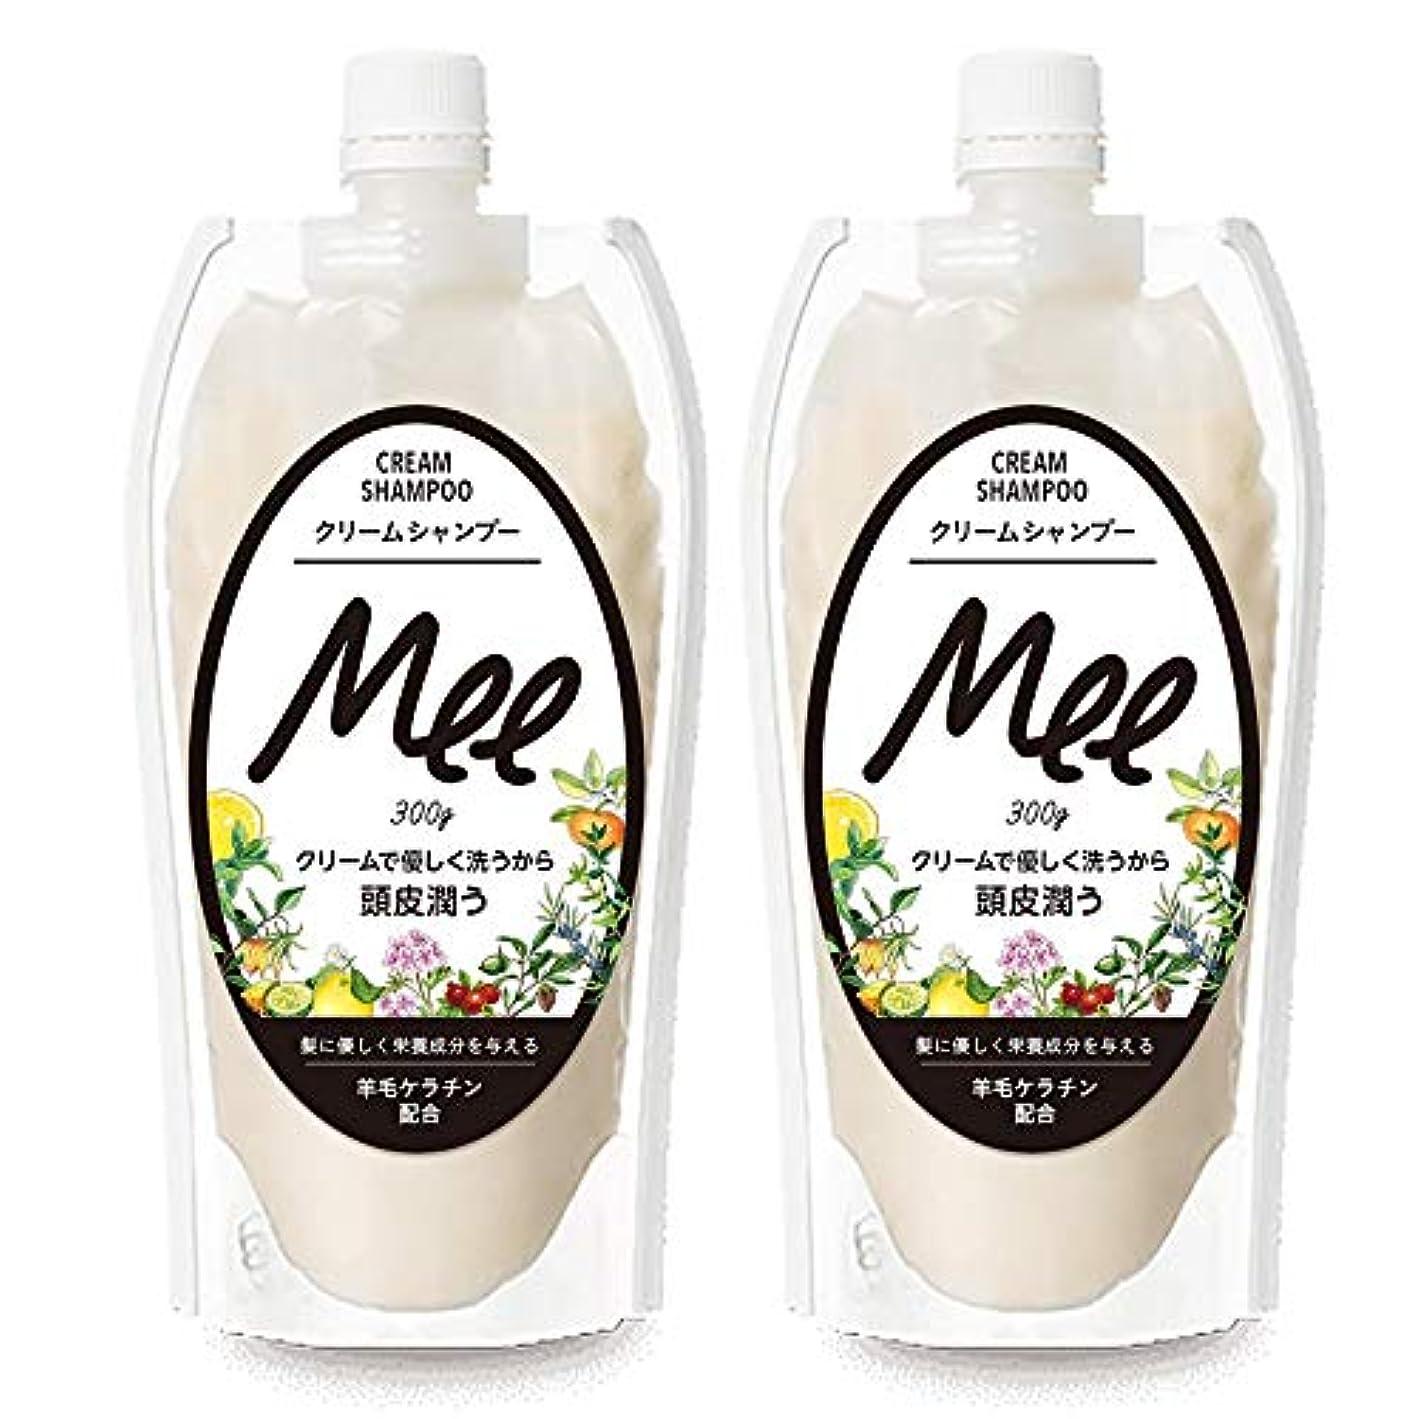 アジア想定する机まとめ買い【2個組】 NEW!! 洗えるトリートメントMEE Mee 300g×2個SET クリームシャンプー 皮脂 乾燥肌 ダメージケア 大容量 時短 フケ かゆみ